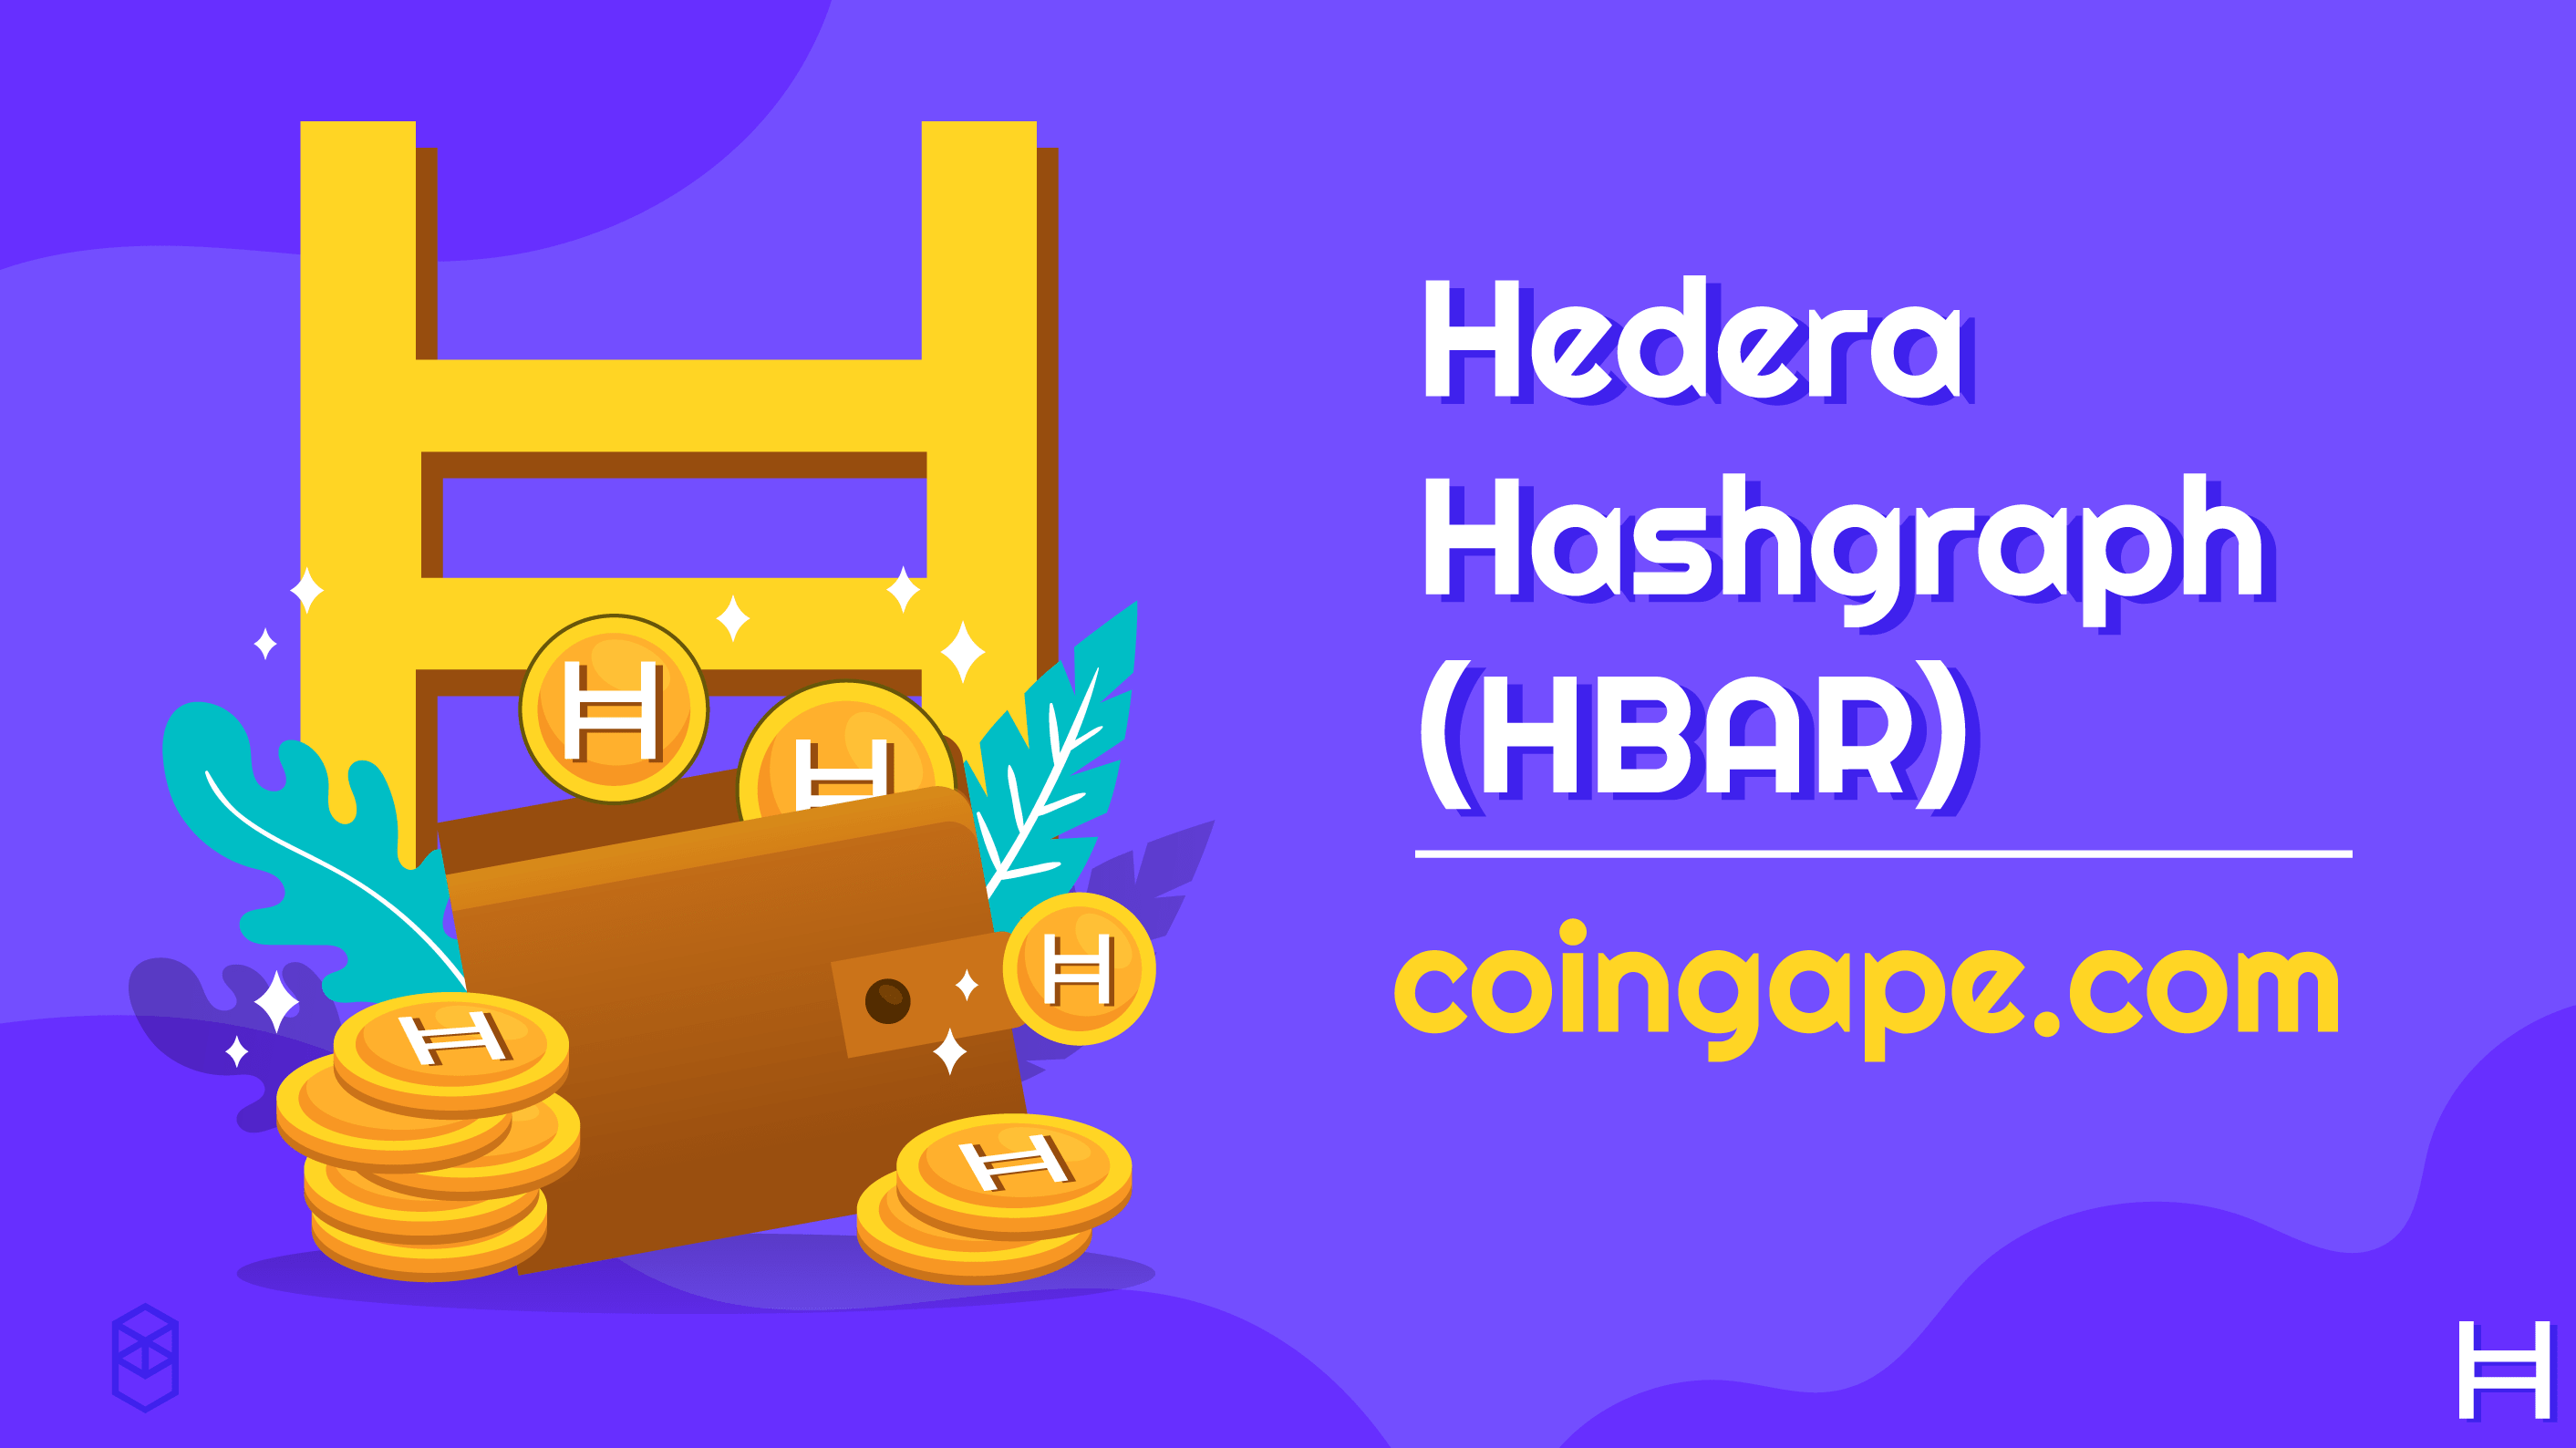 Hedera Hashgraph (HBAR)